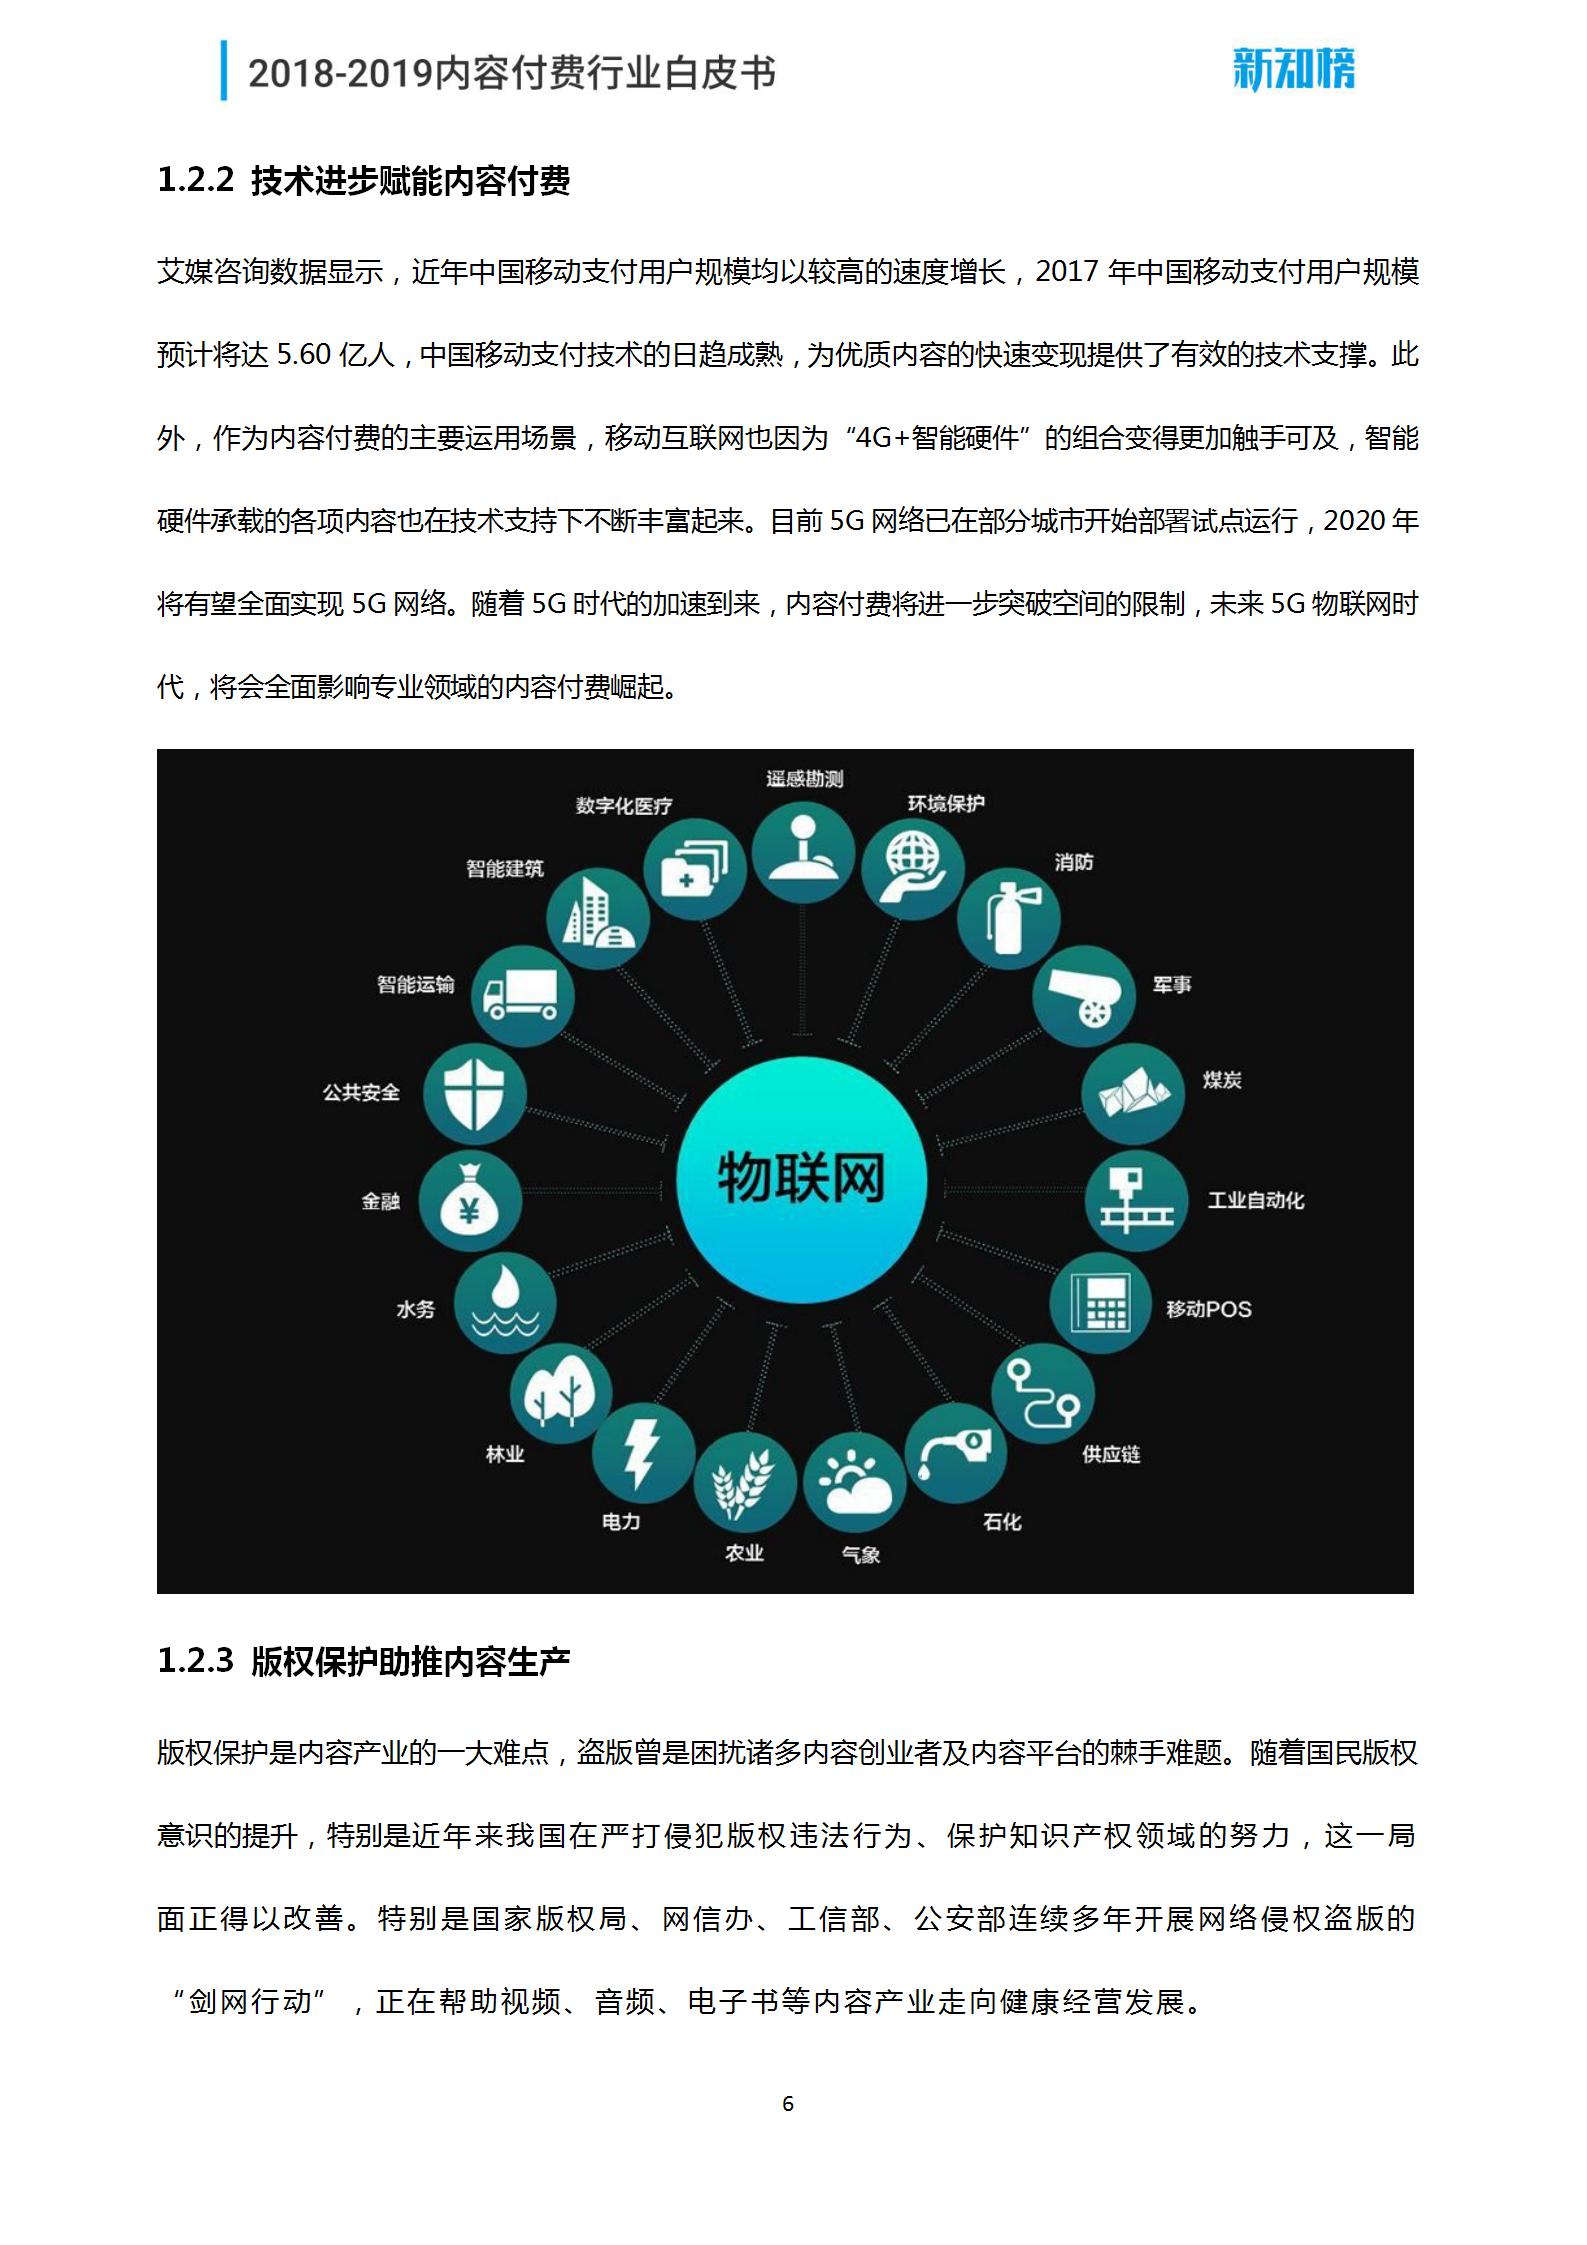 新知榜2018-2019内容付费行业白皮书_06.png